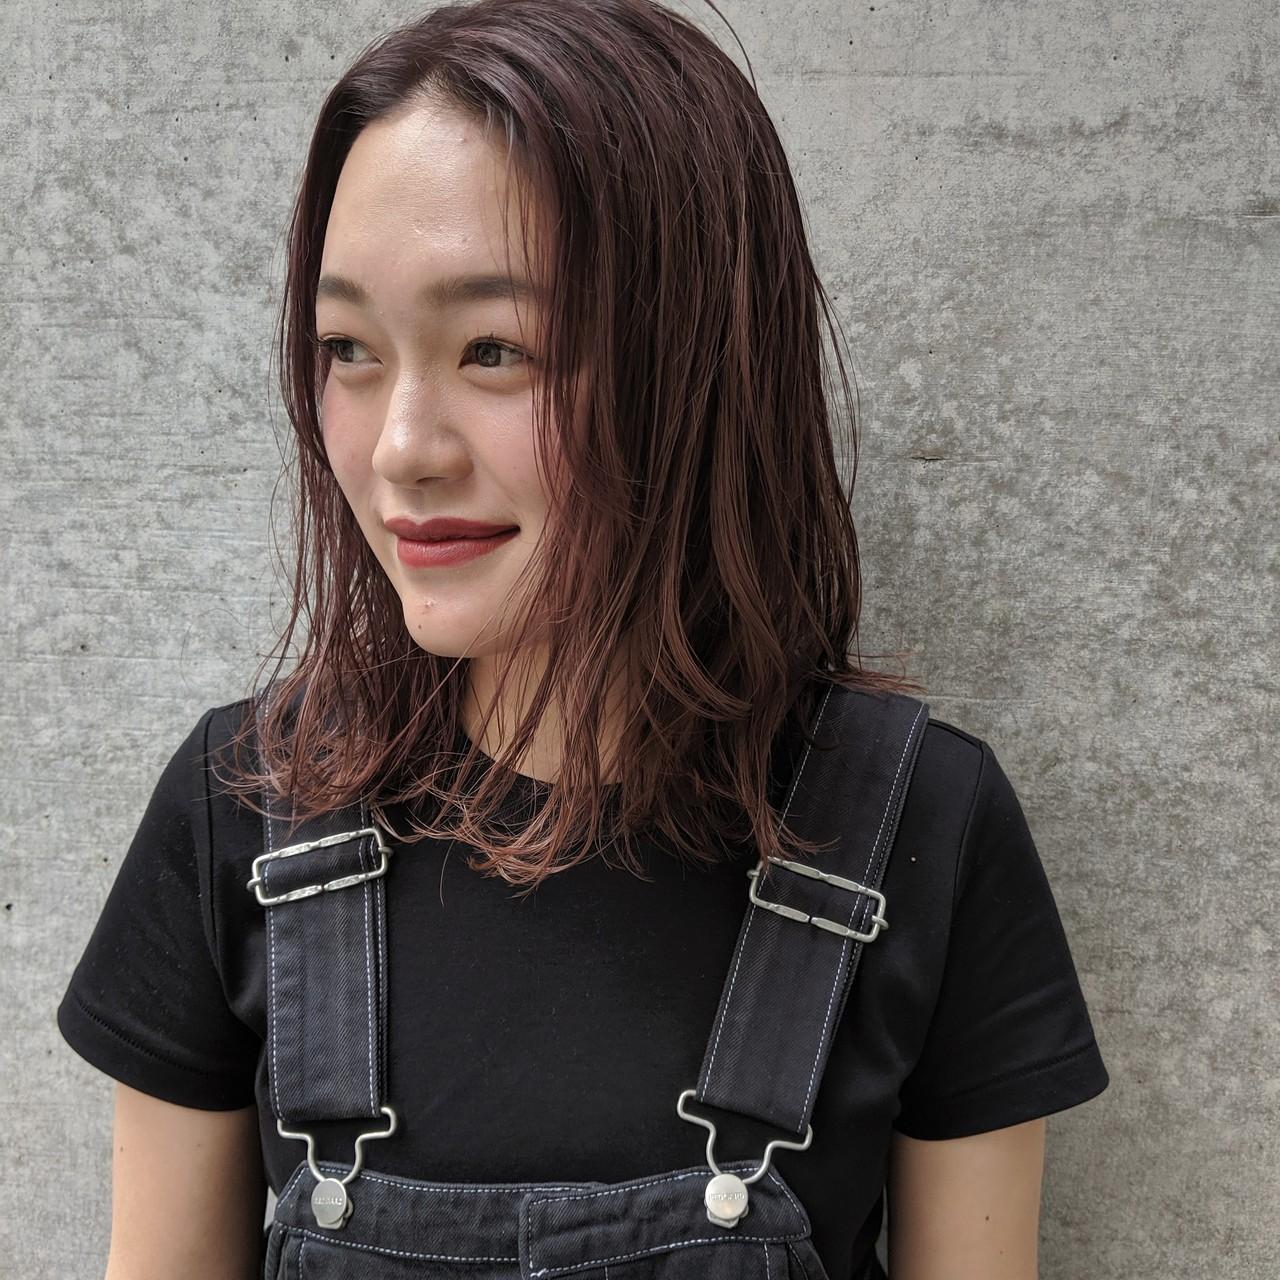 パープルアッシュ ラベンダーピンク ラベンダーアッシュ ヘアアレンジ ヘアスタイルや髪型の写真・画像